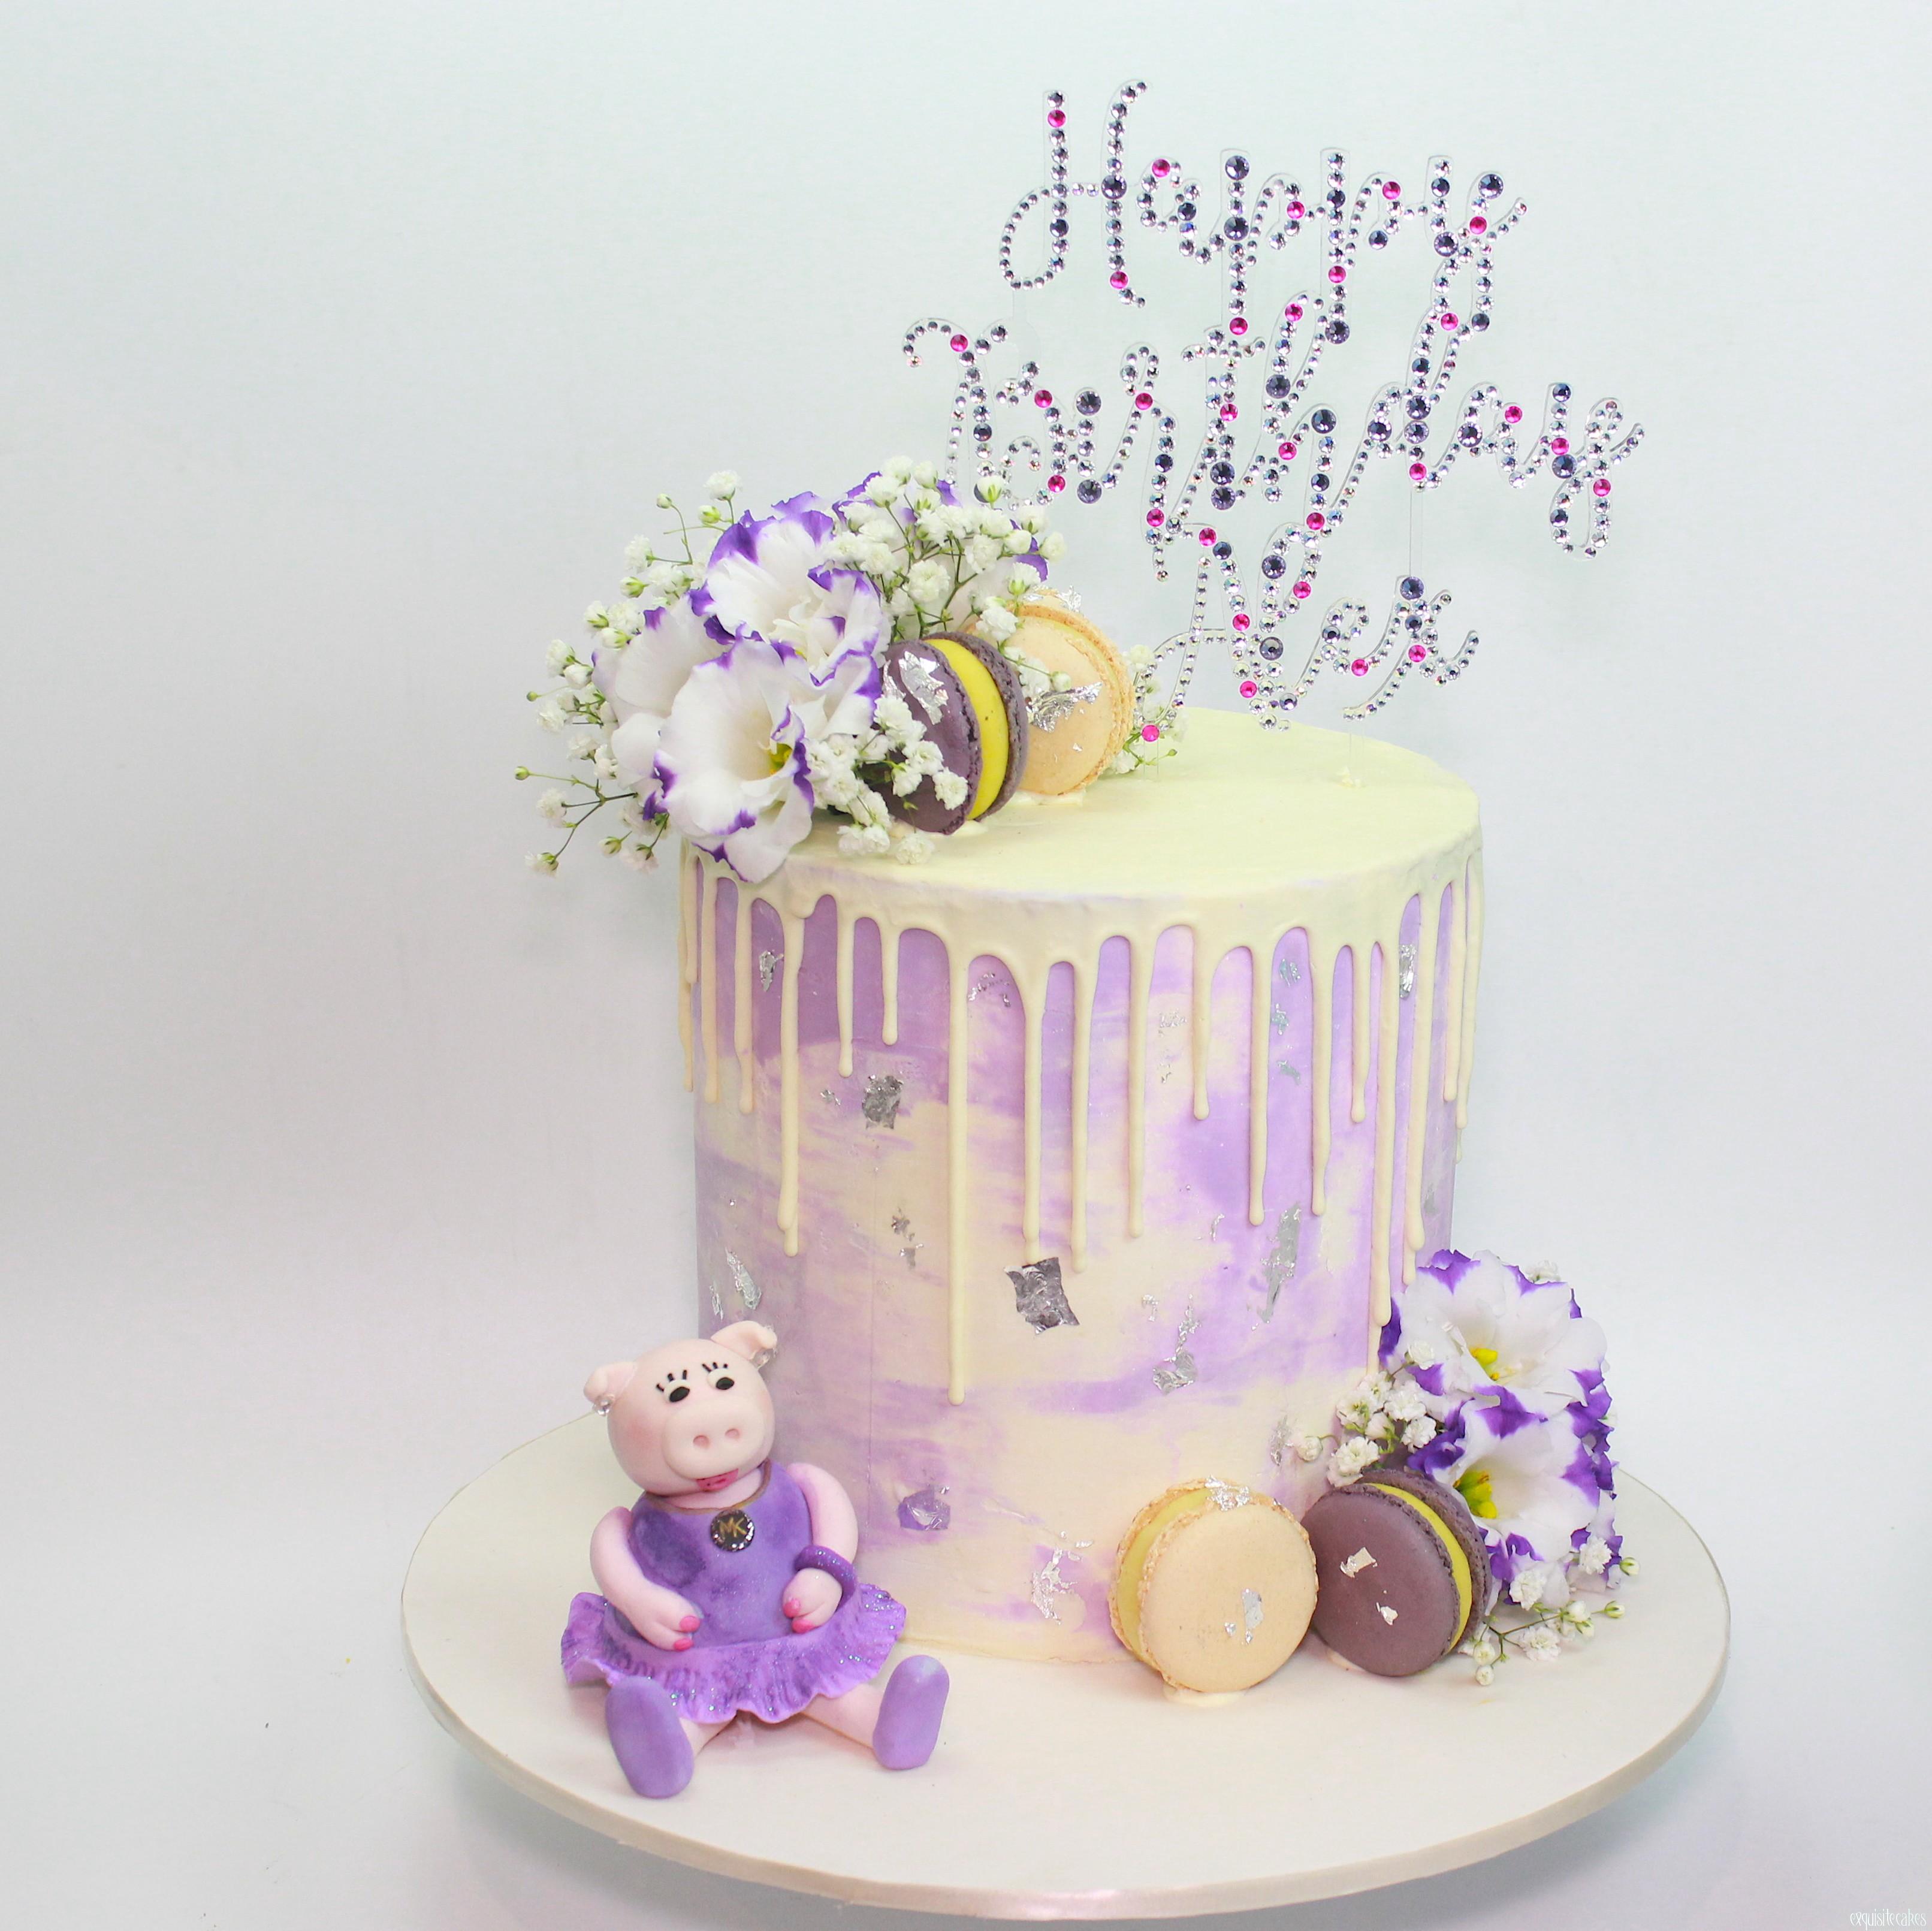 18th 21st Birthday Cakes Exquisite Cakes Sydney